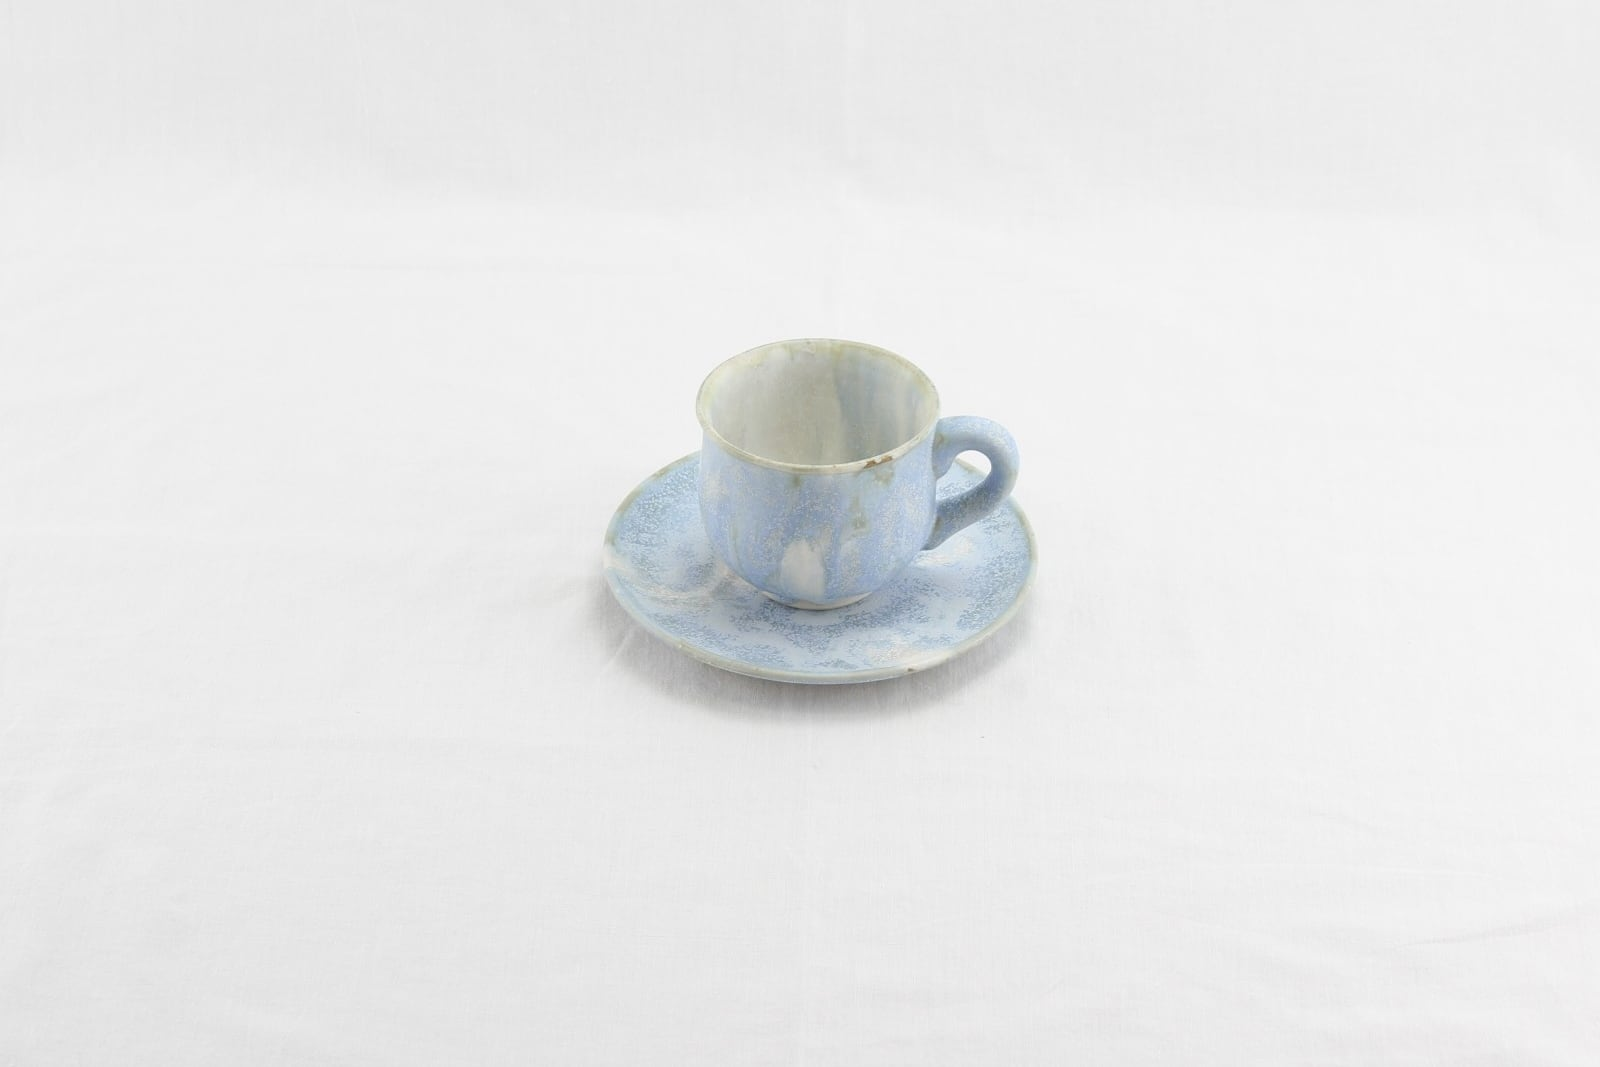 メルヘン釉カップ&ソーサー(青白)